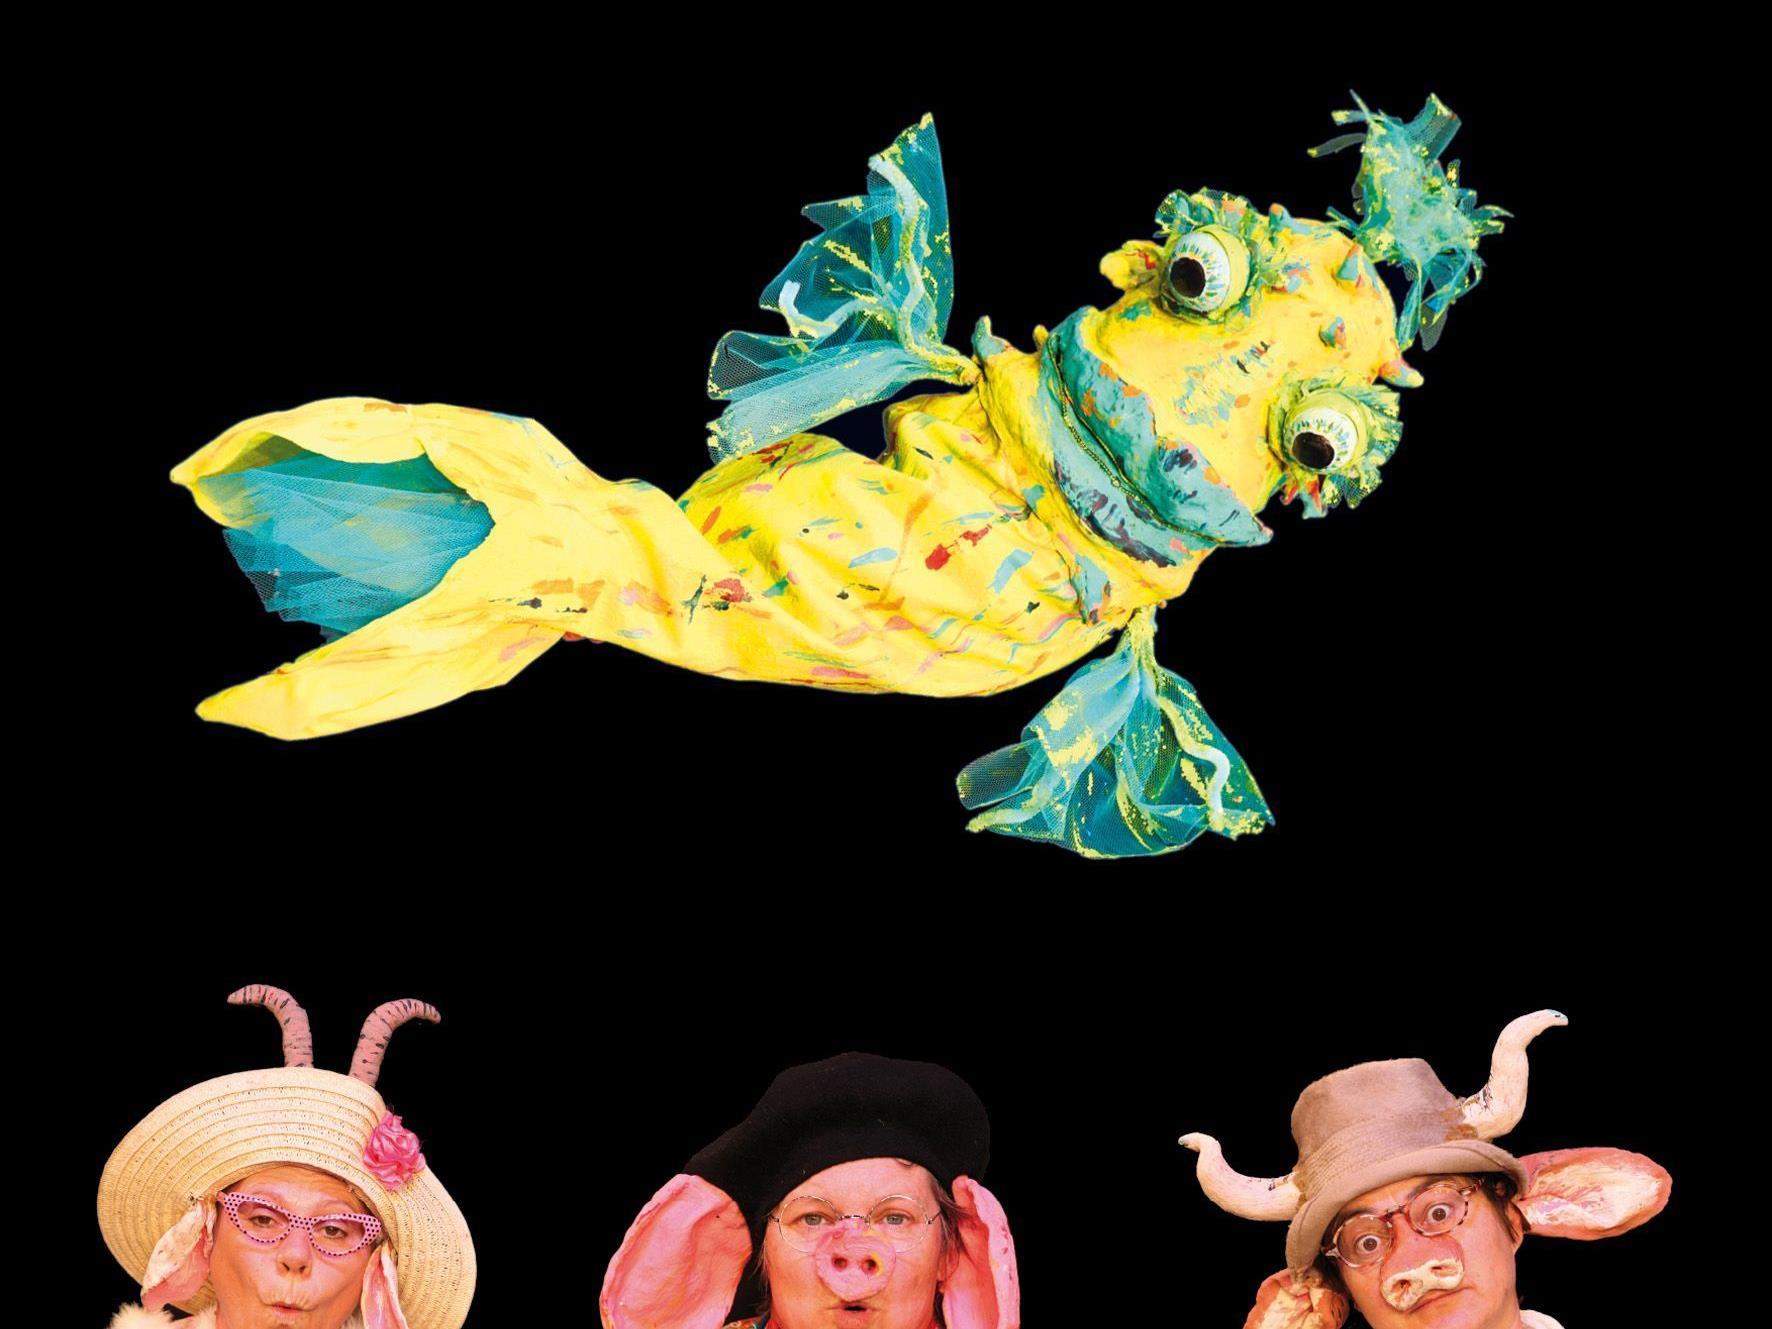 Eine Theaterpremiere für groß und klein findet am 7. Jänner in der Kammgarn statt.